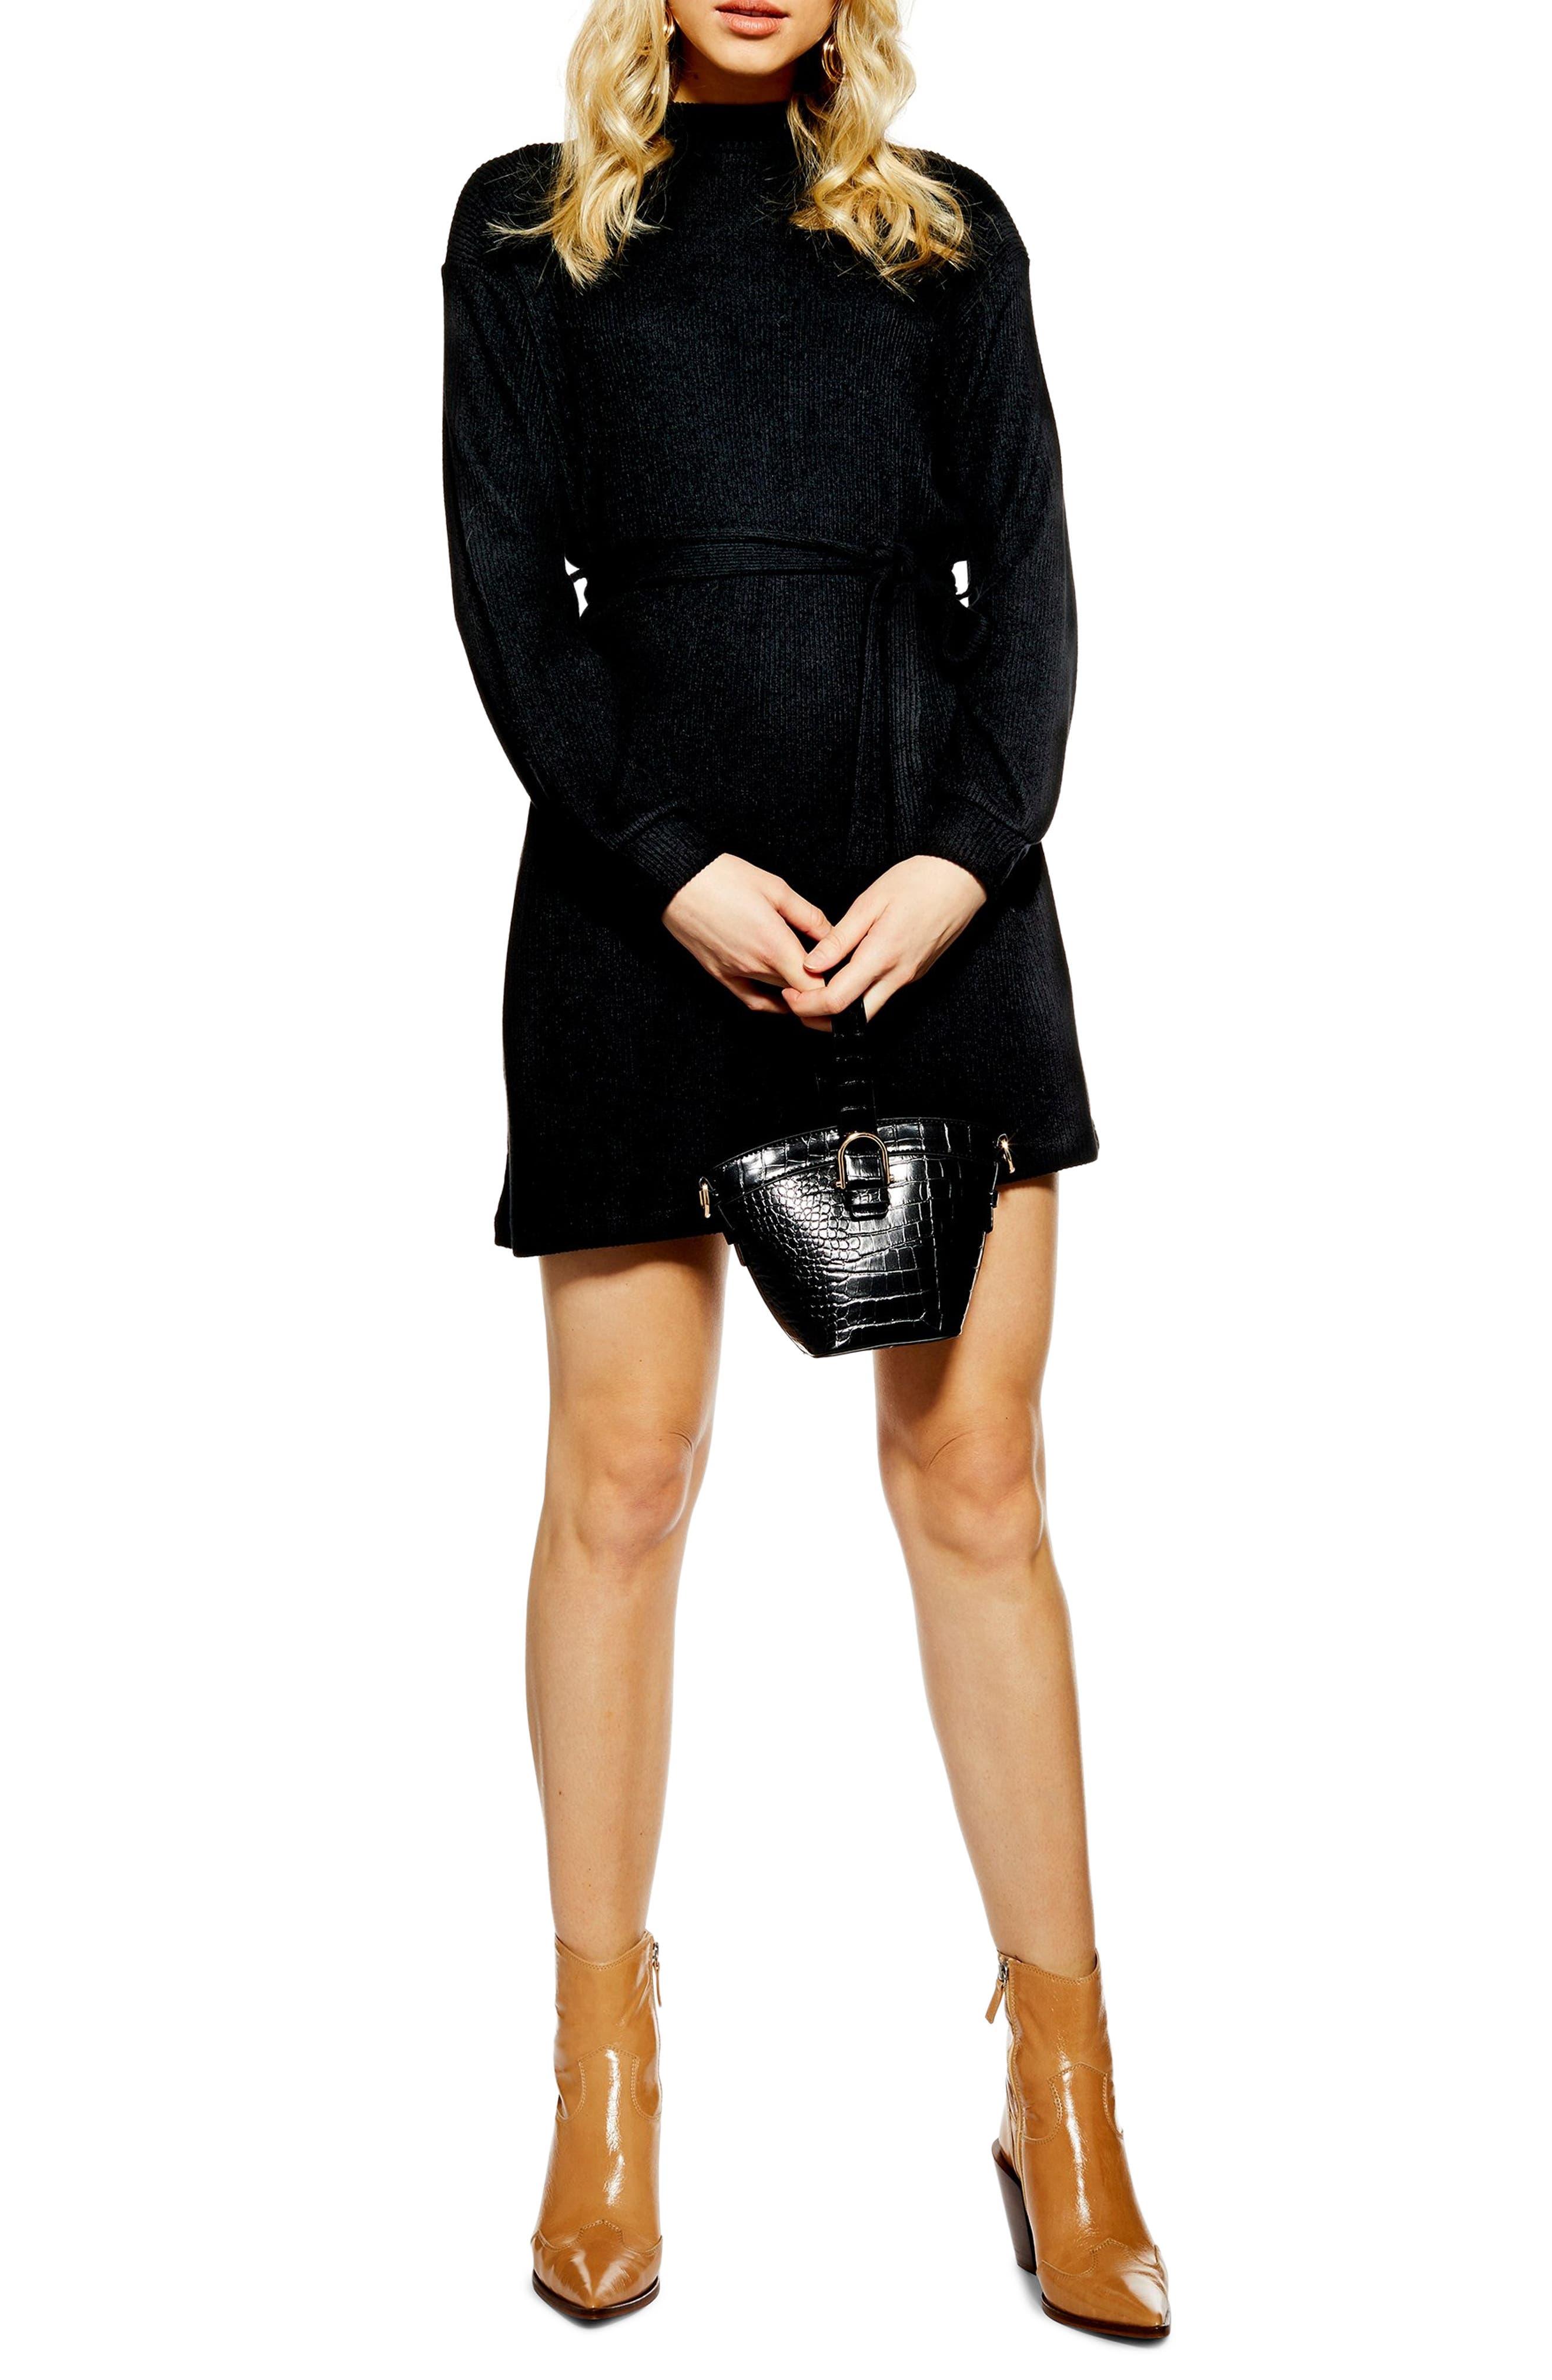 Topshop Belted Minidress, US (fits like 0) - Black